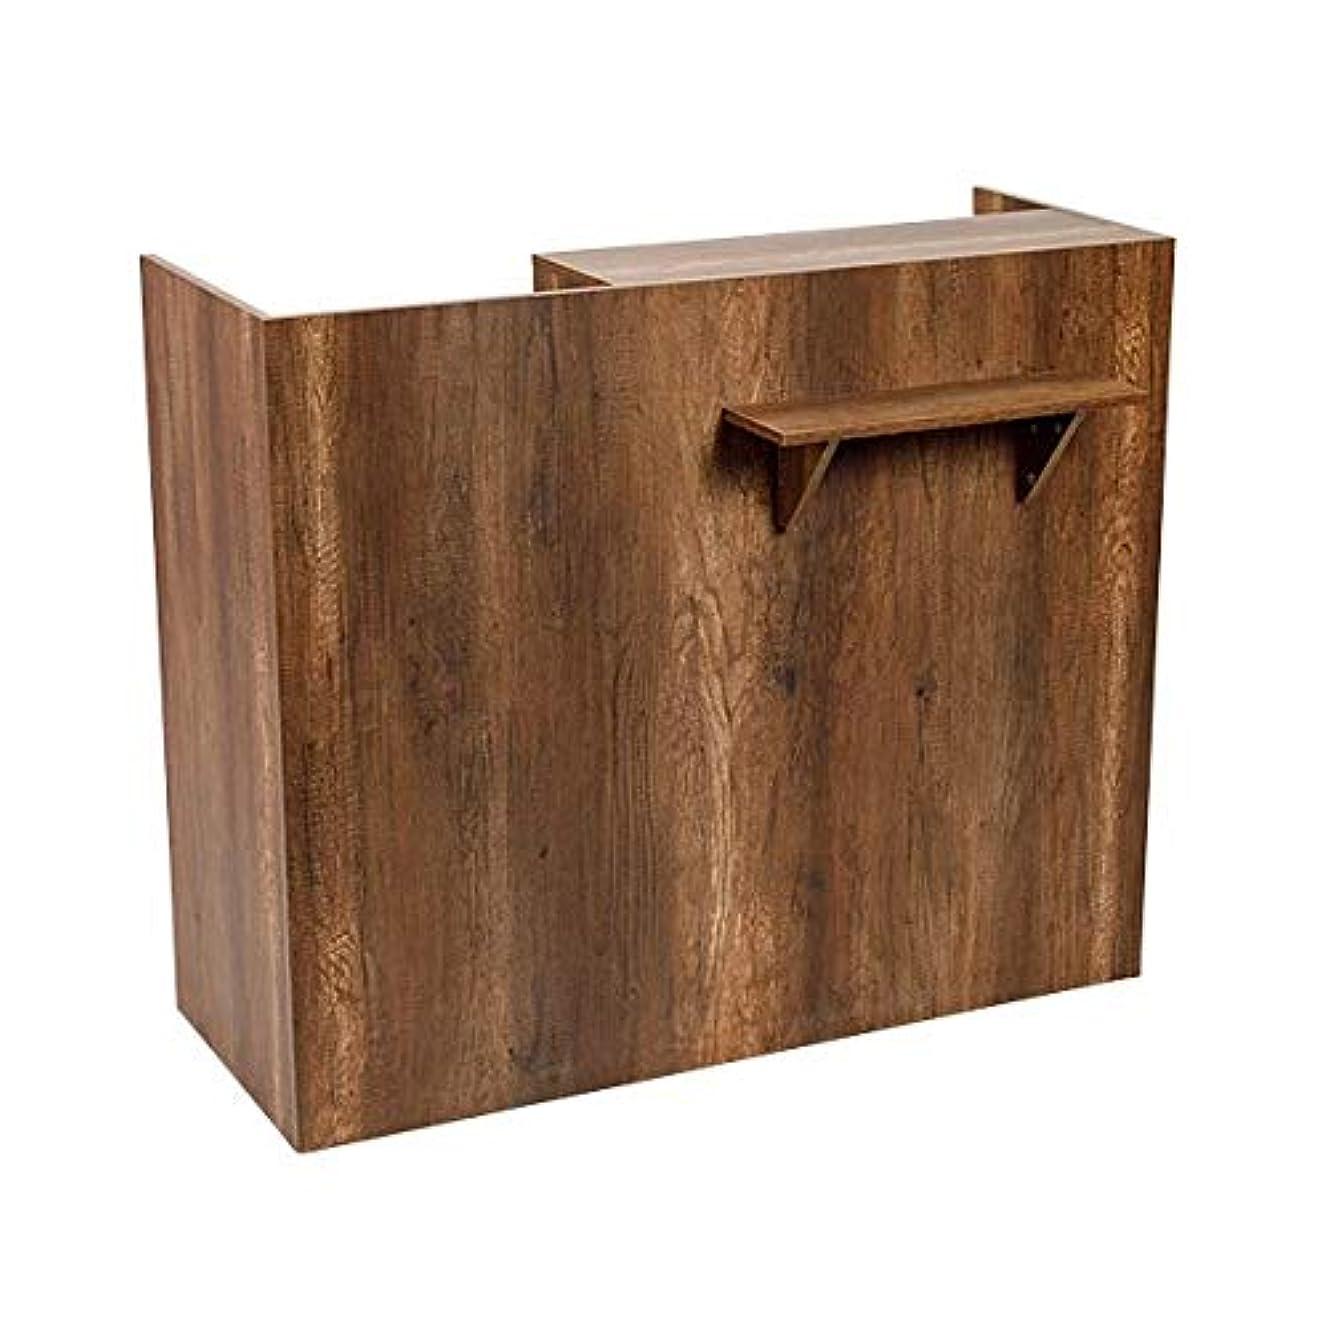 木製レジカウンター (ライトブラウン) FV-2531 [W1200] レジカウンター レジ台